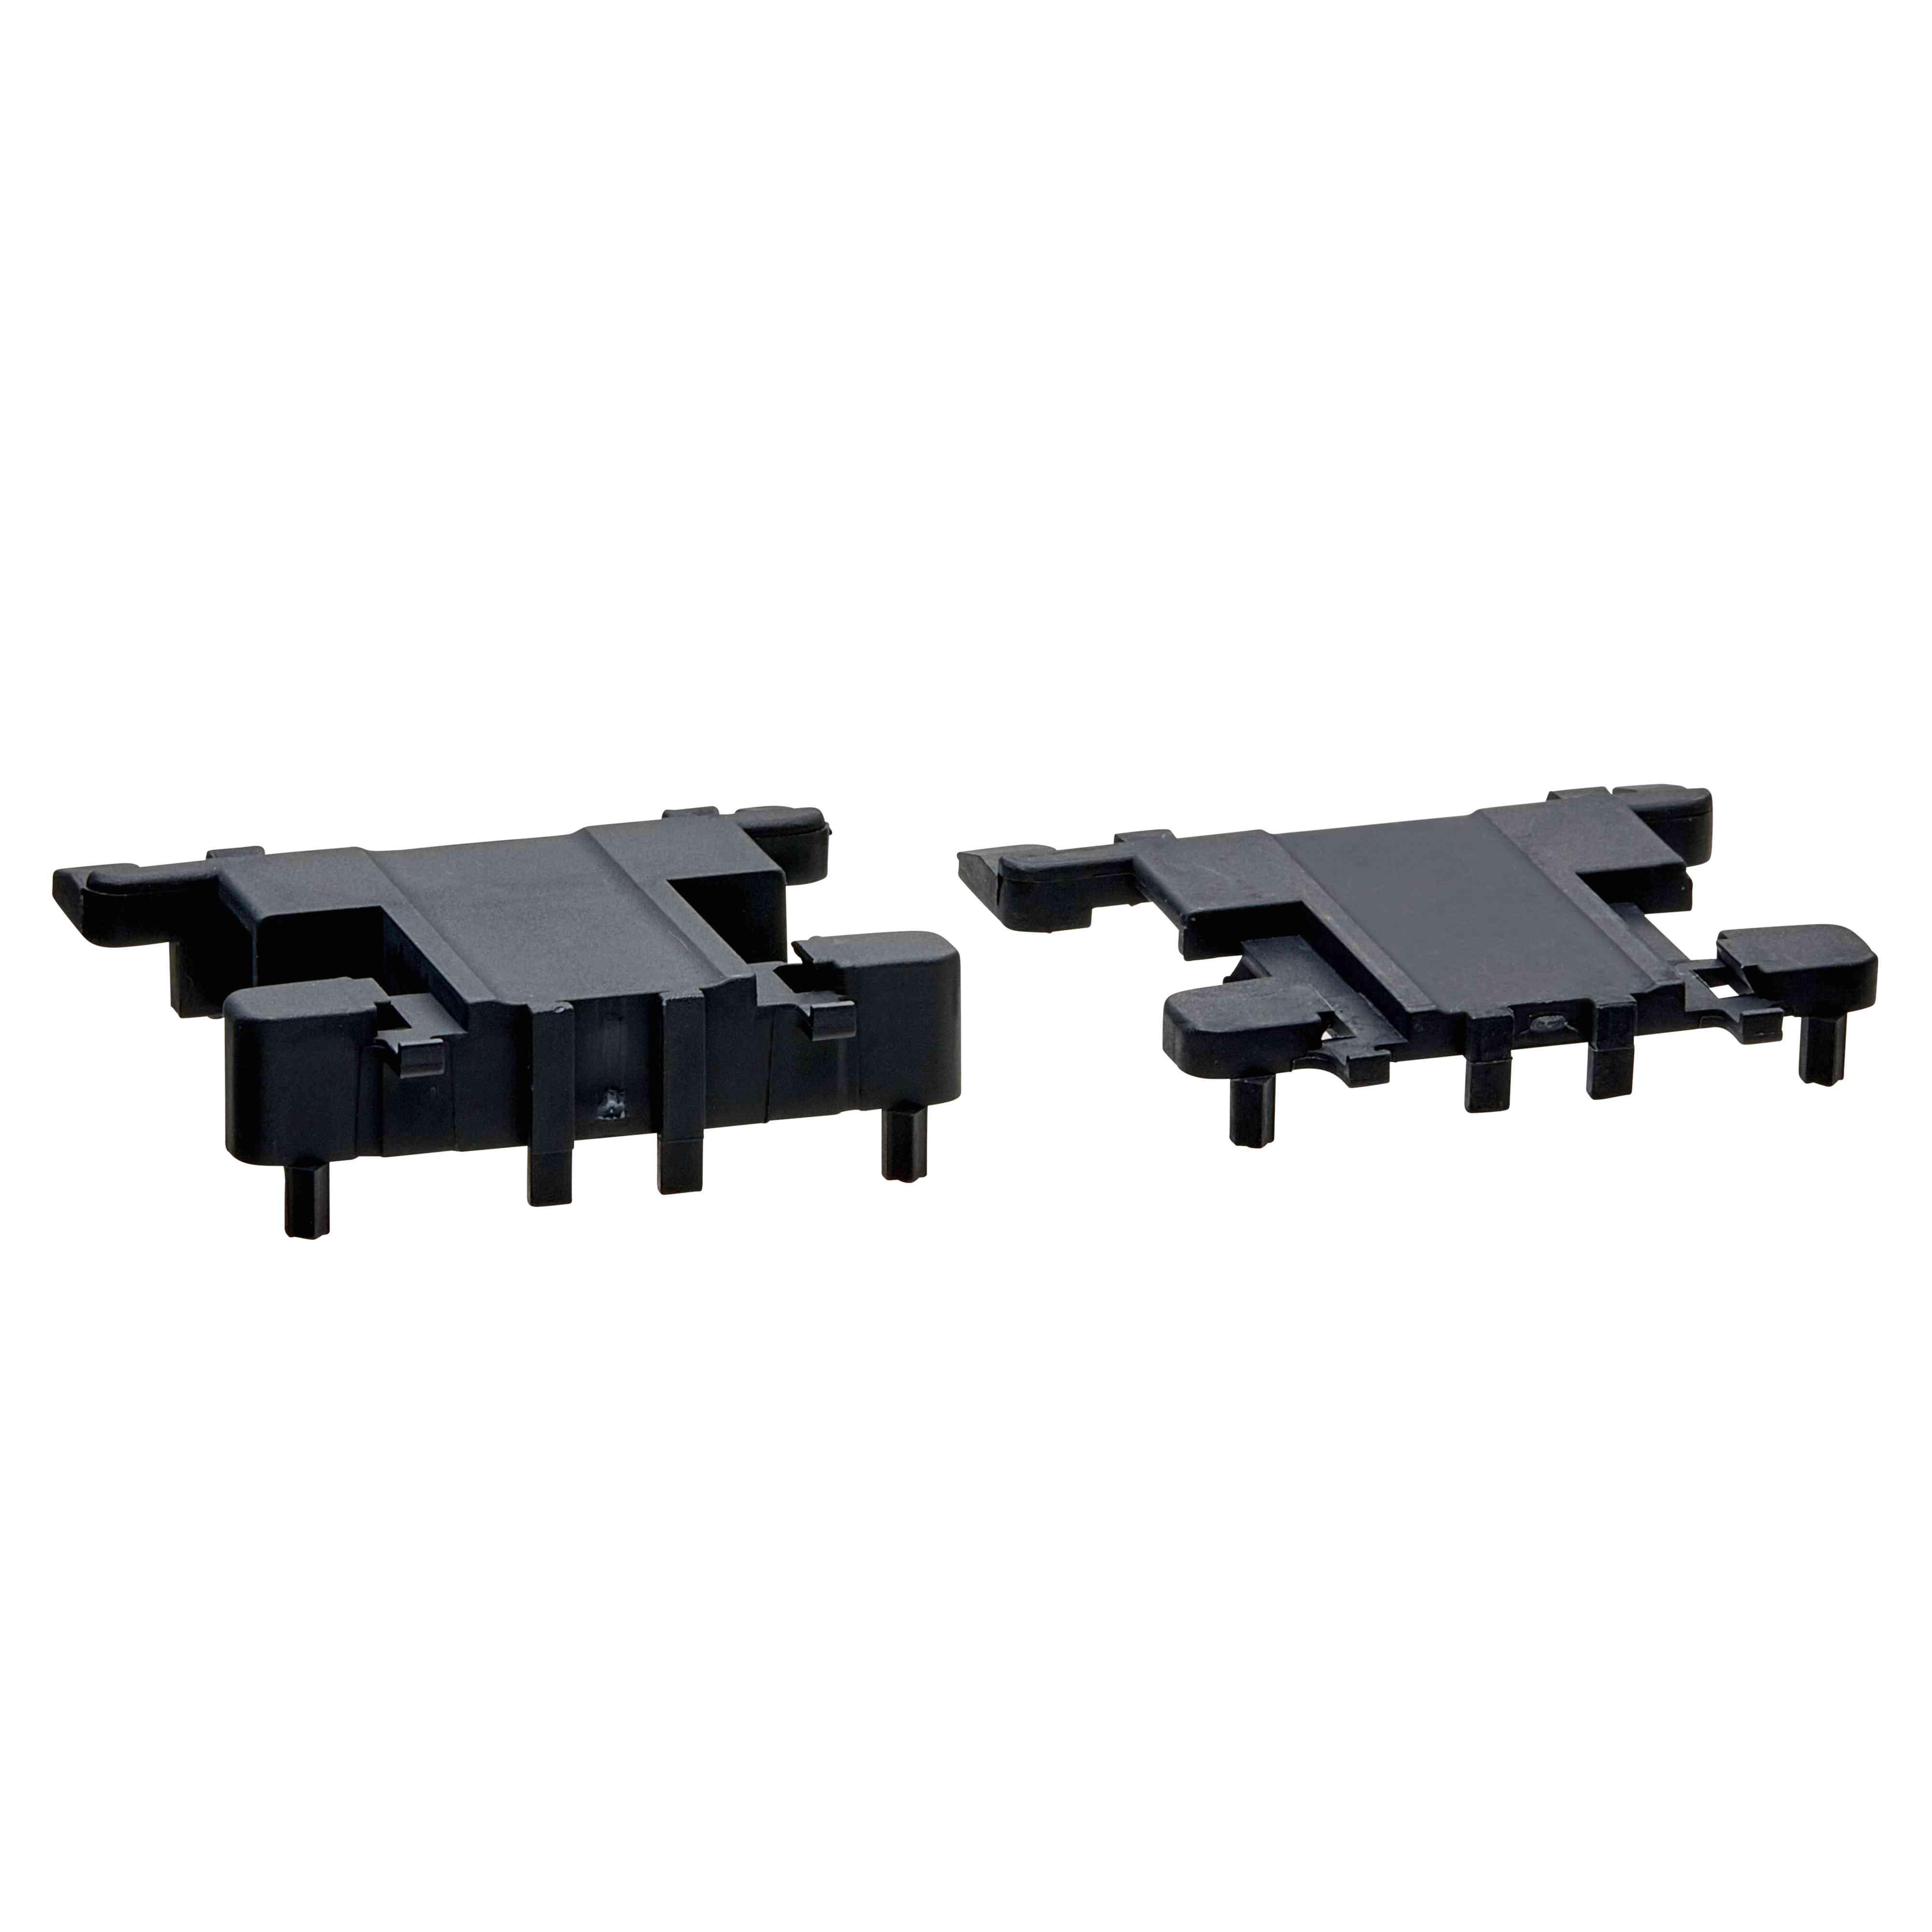 Distančniki - za namestitev vzporednih montažnih blokov - za TeSys D